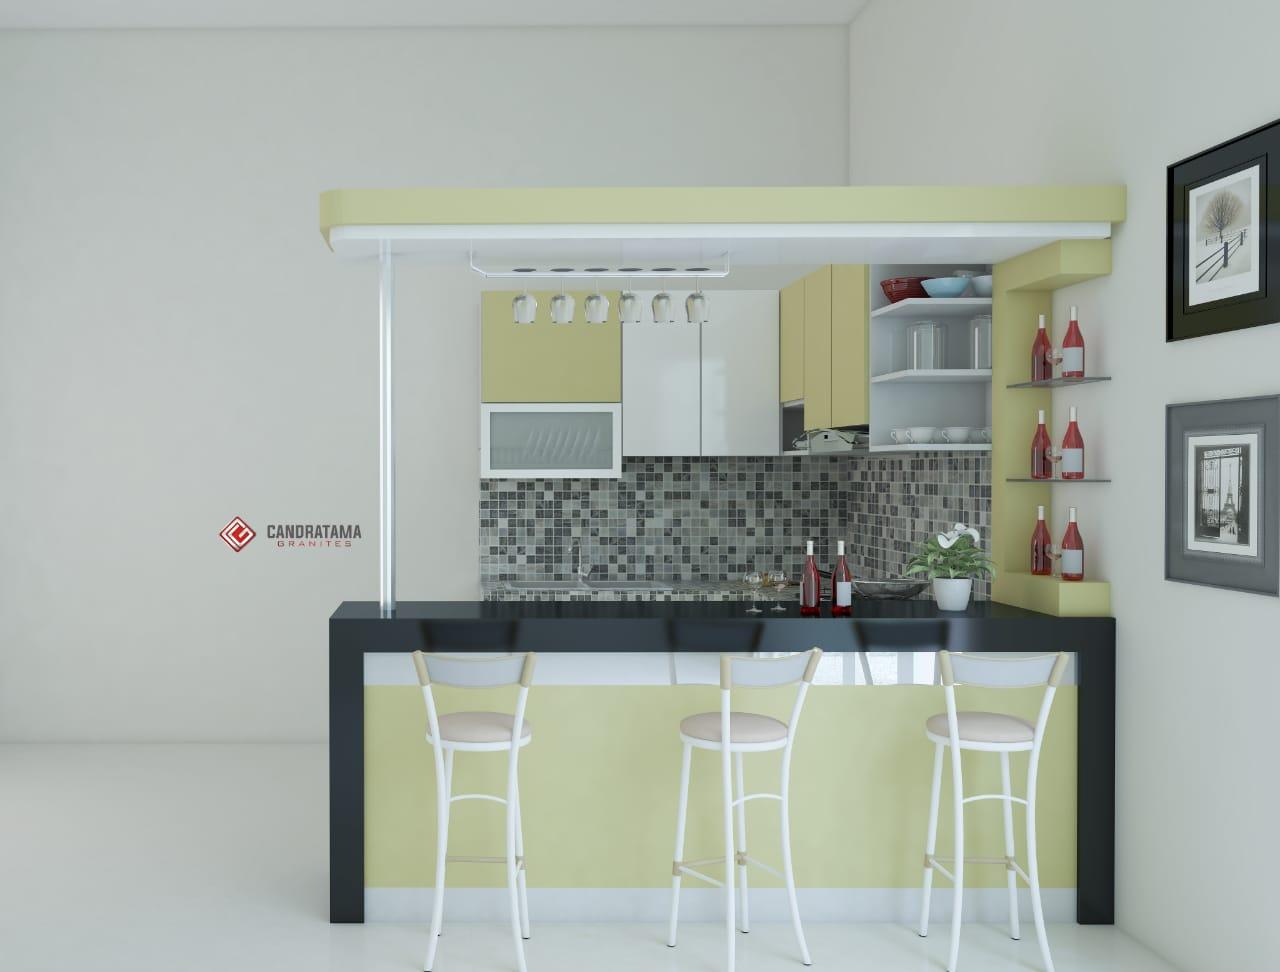 Desain Interior Kediri Minibar Minimalis Interior Dapur Bersih Dapur Kecil Dapur Bersih Modern 20 Jasa Desain Interior Kediri Nganjuk Tulungagung Blitar Trenggalek Madiun Ponorogo